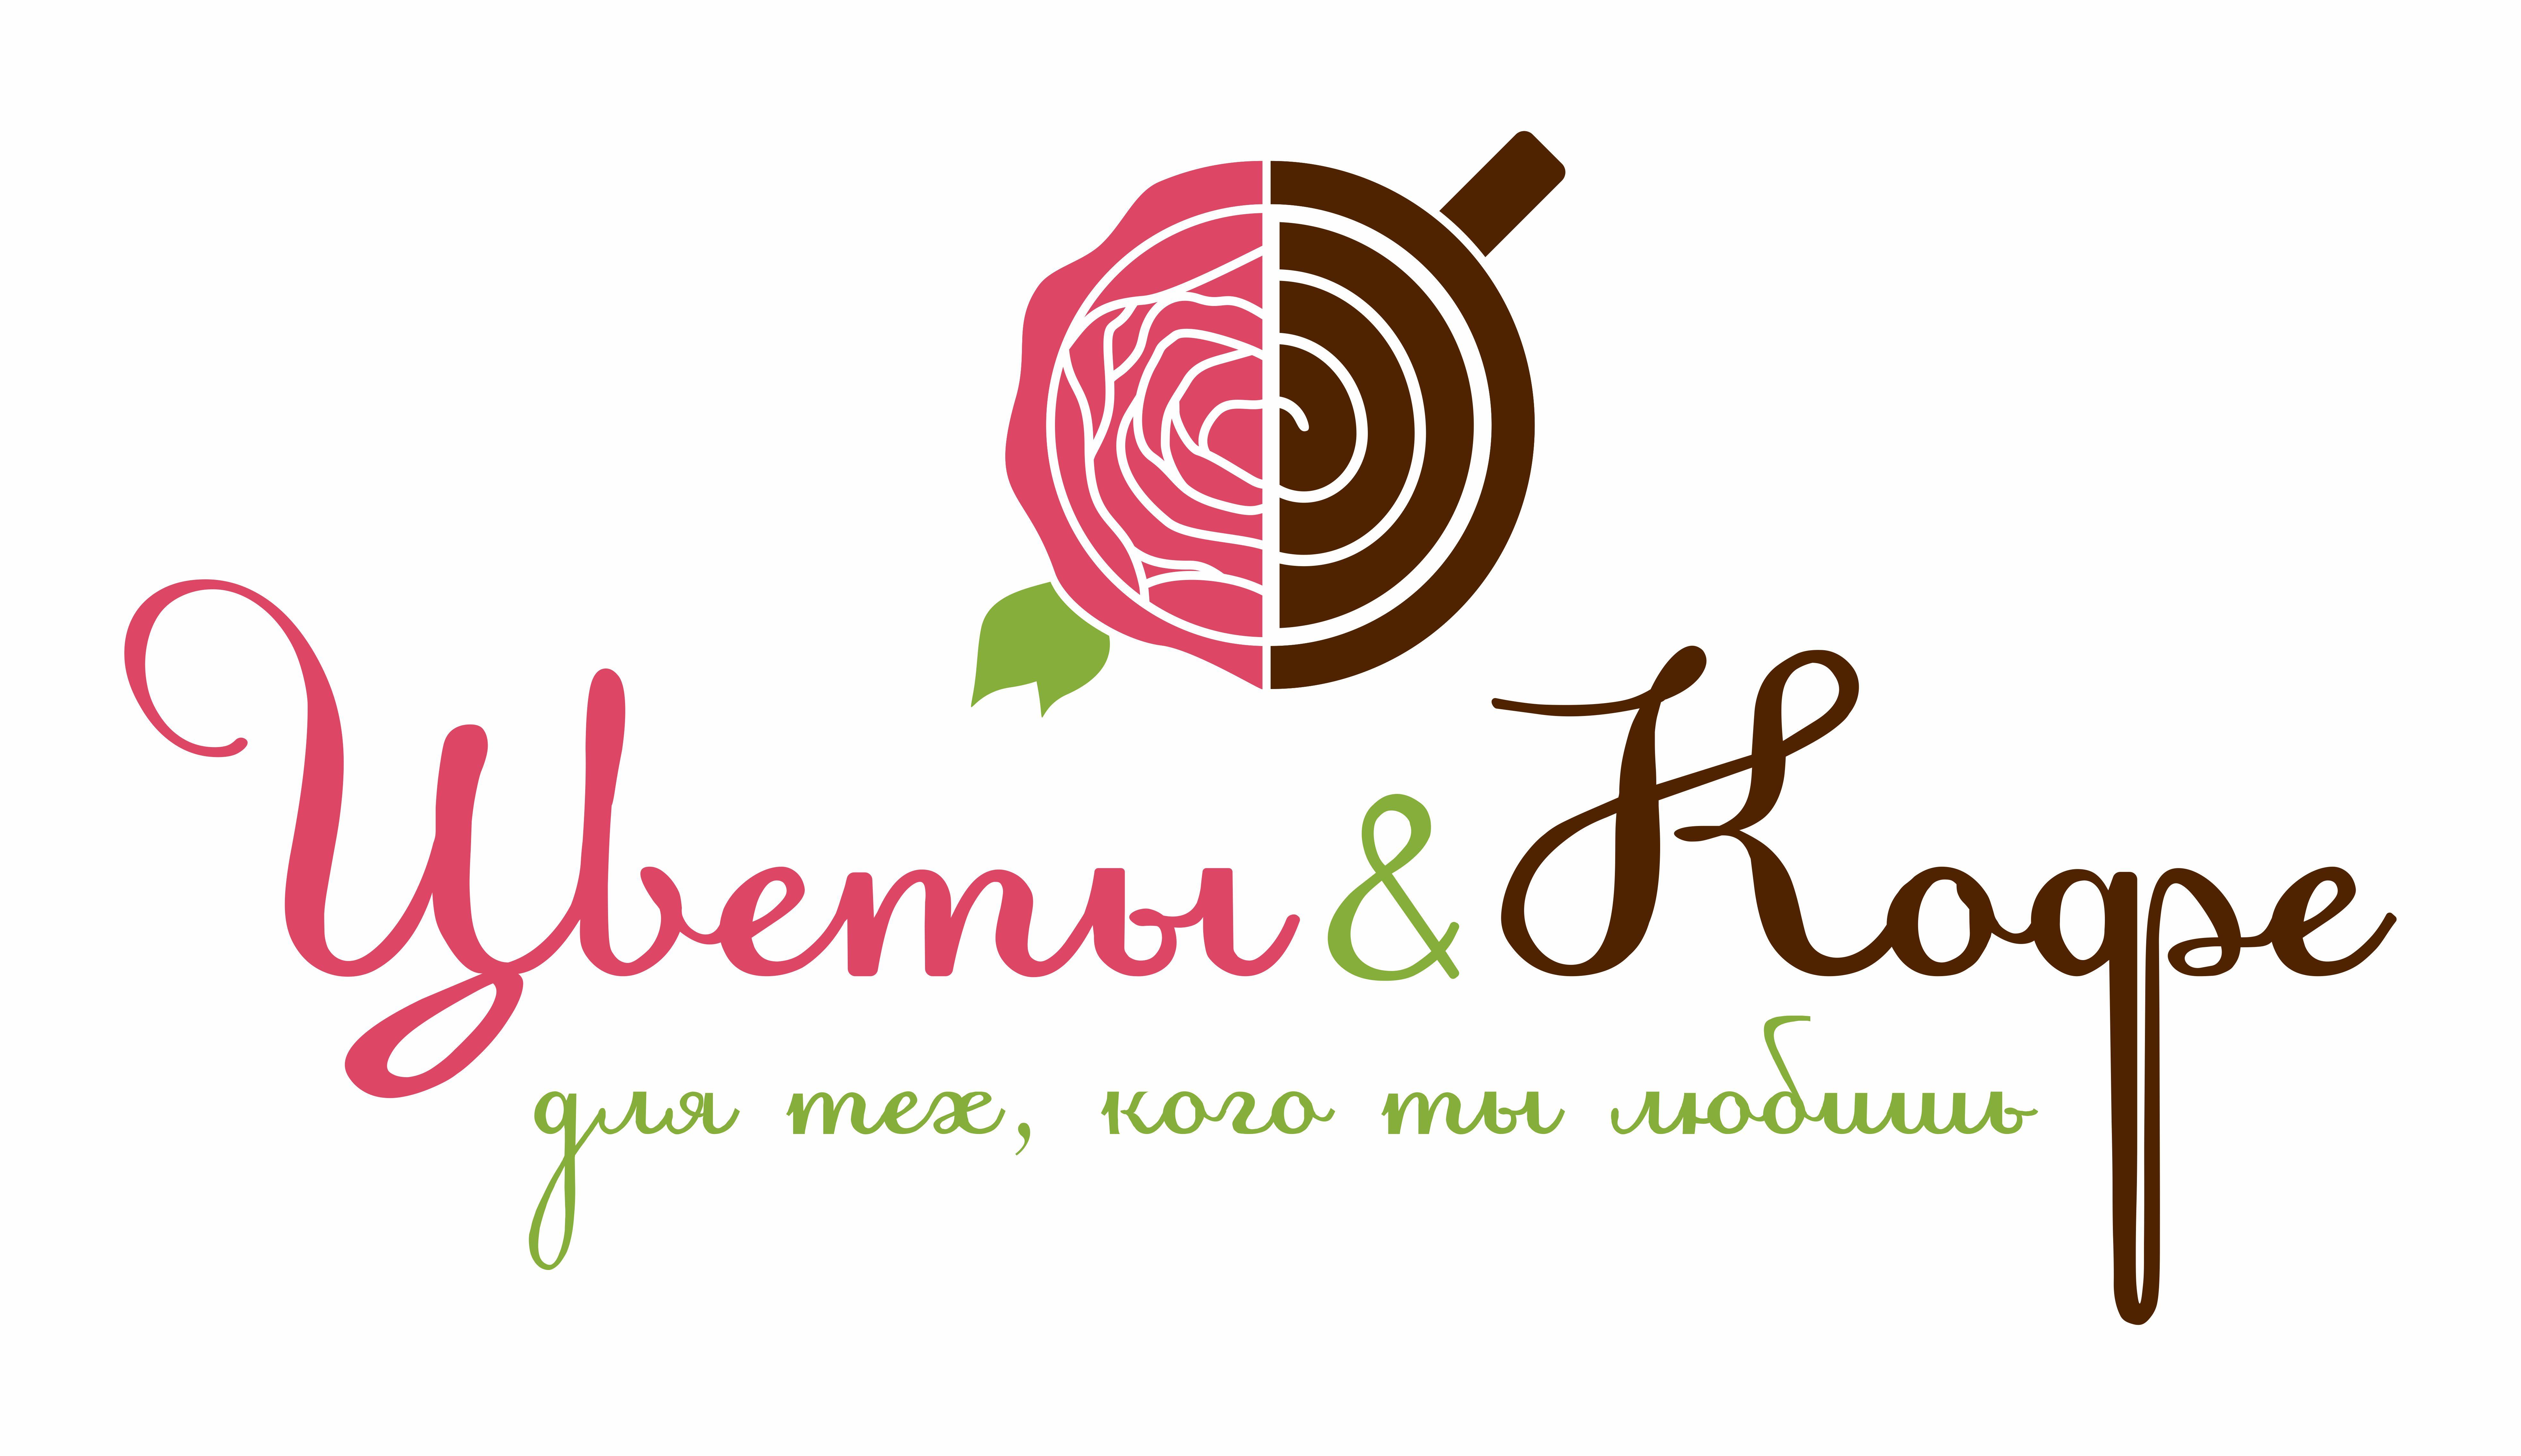 Логотип для ЦВЕТОКОД  фото f_5775d01171fc7e4f.jpg